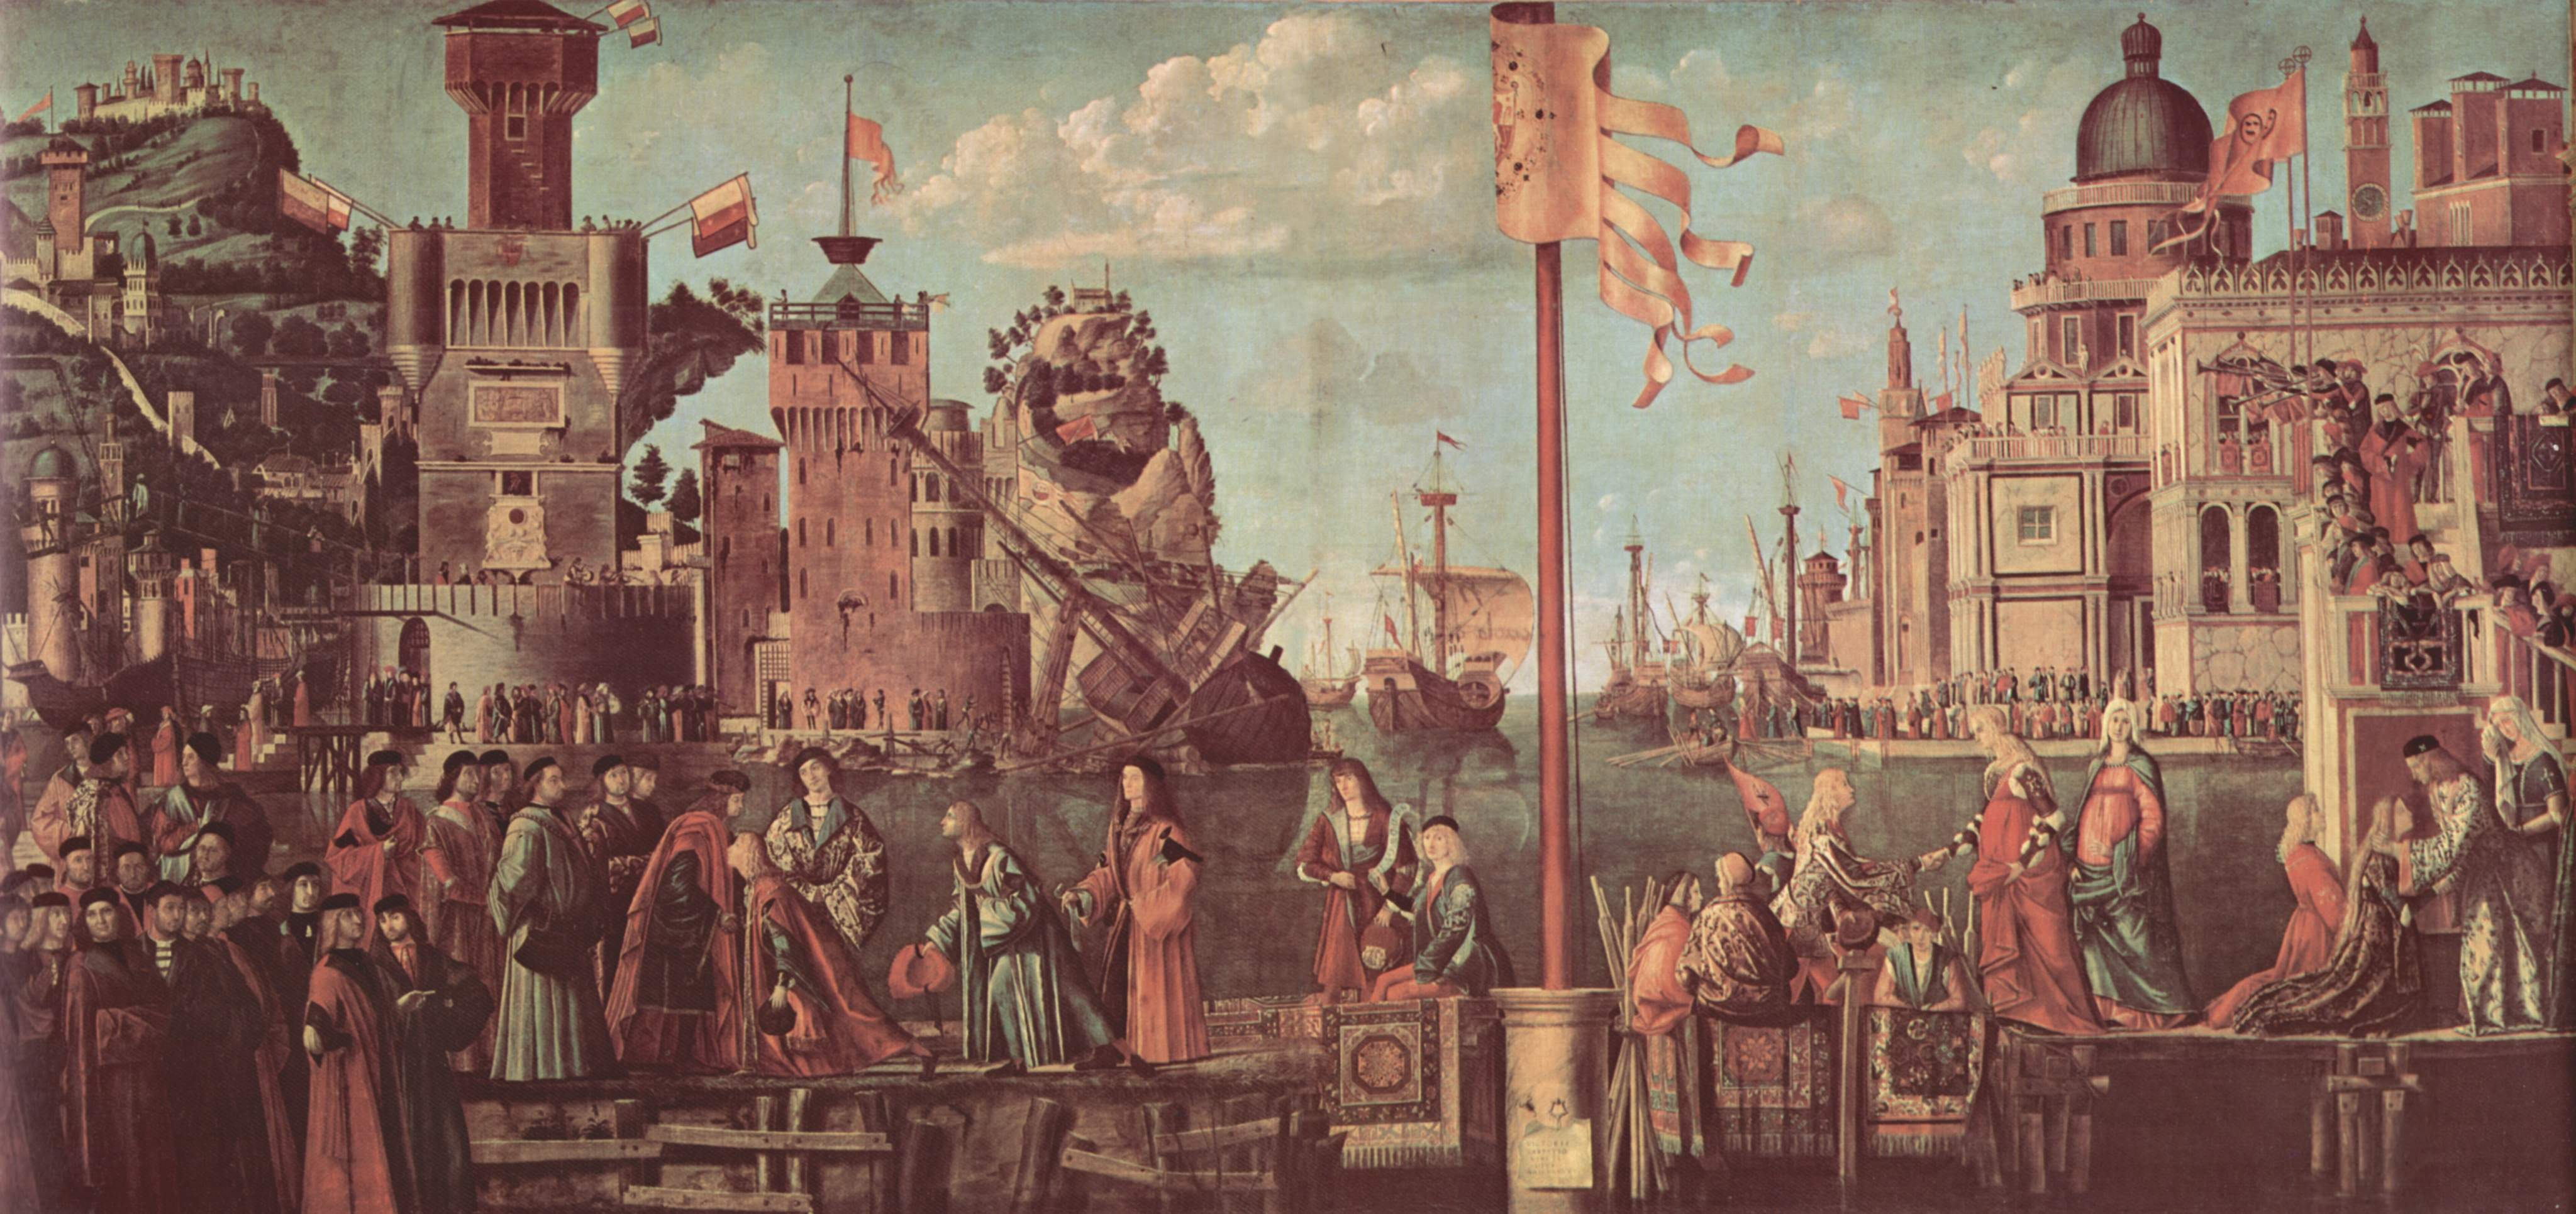 Цикл картин к житию св. Урсулы, встреча обручённых и начало паломничества, Витторе Карпаччо